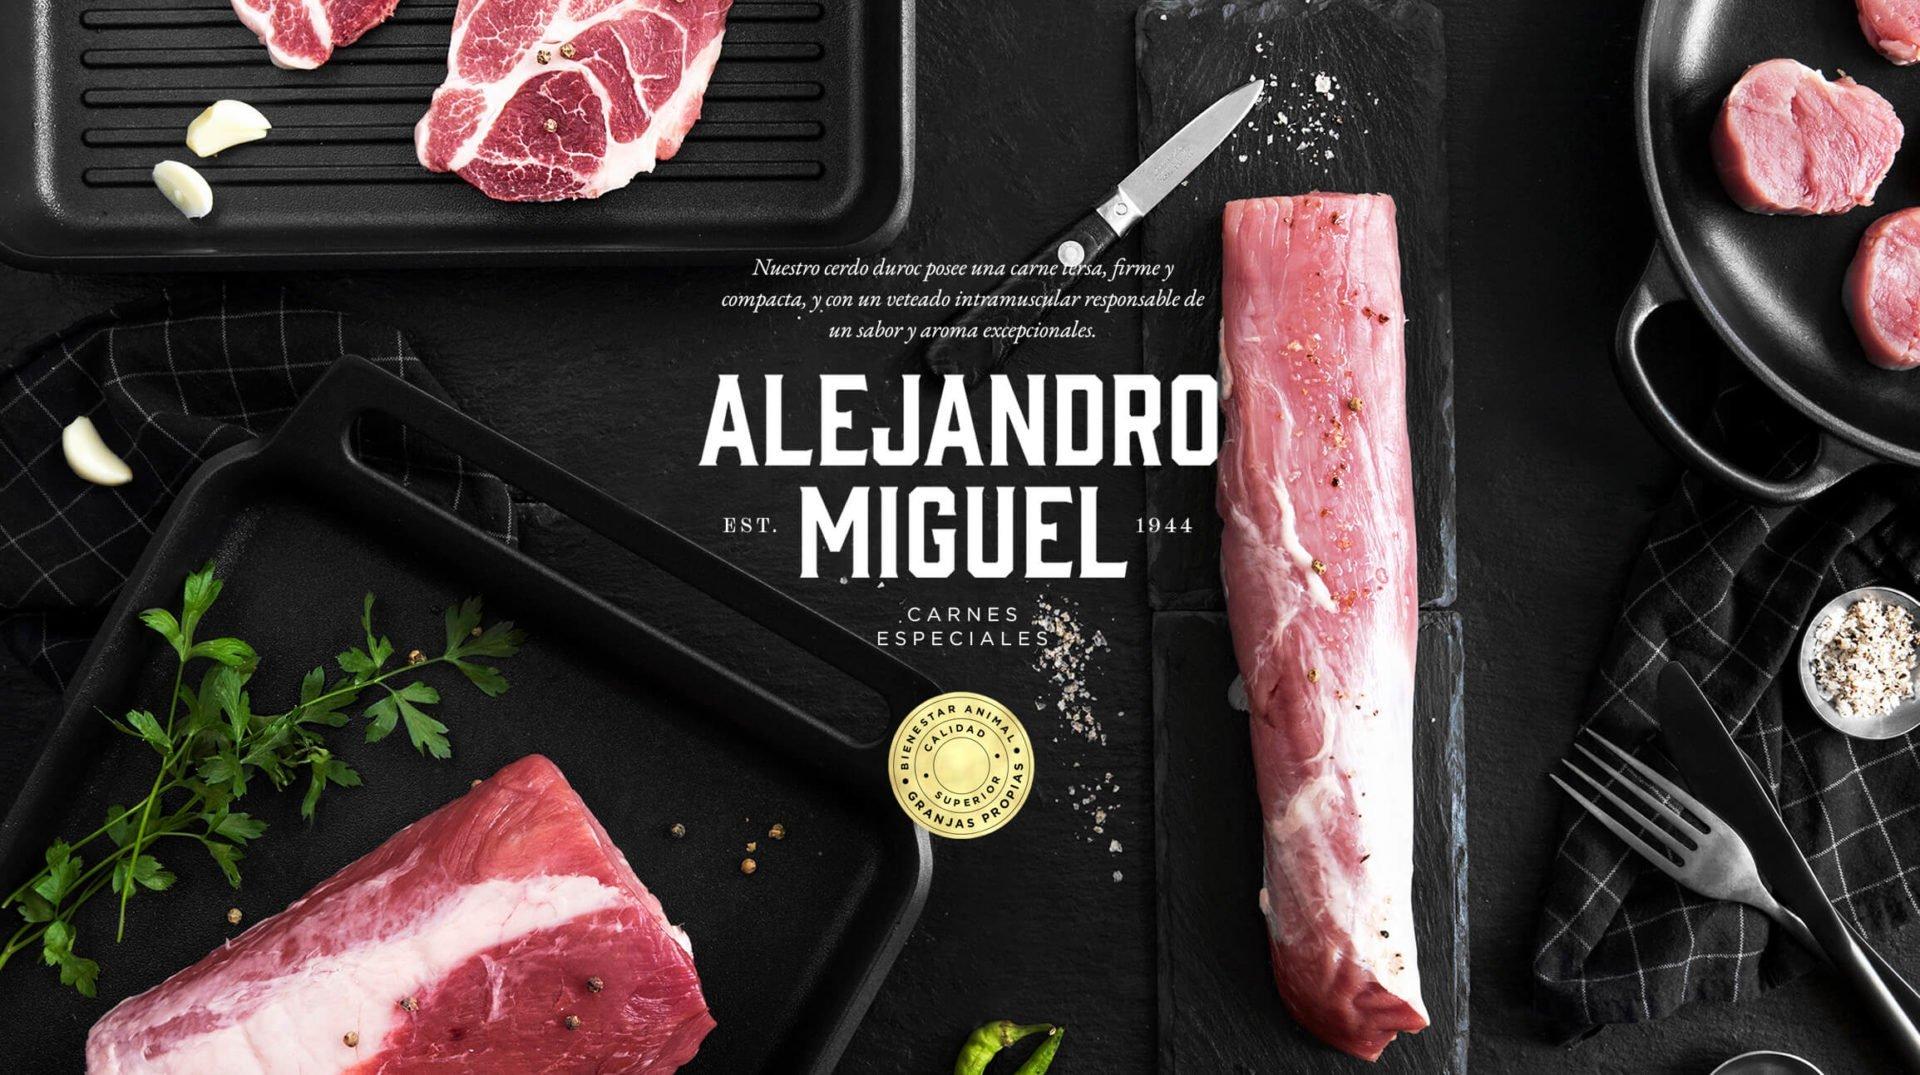 fotografía-decorativa-alejandro-miguel-carne-costilla